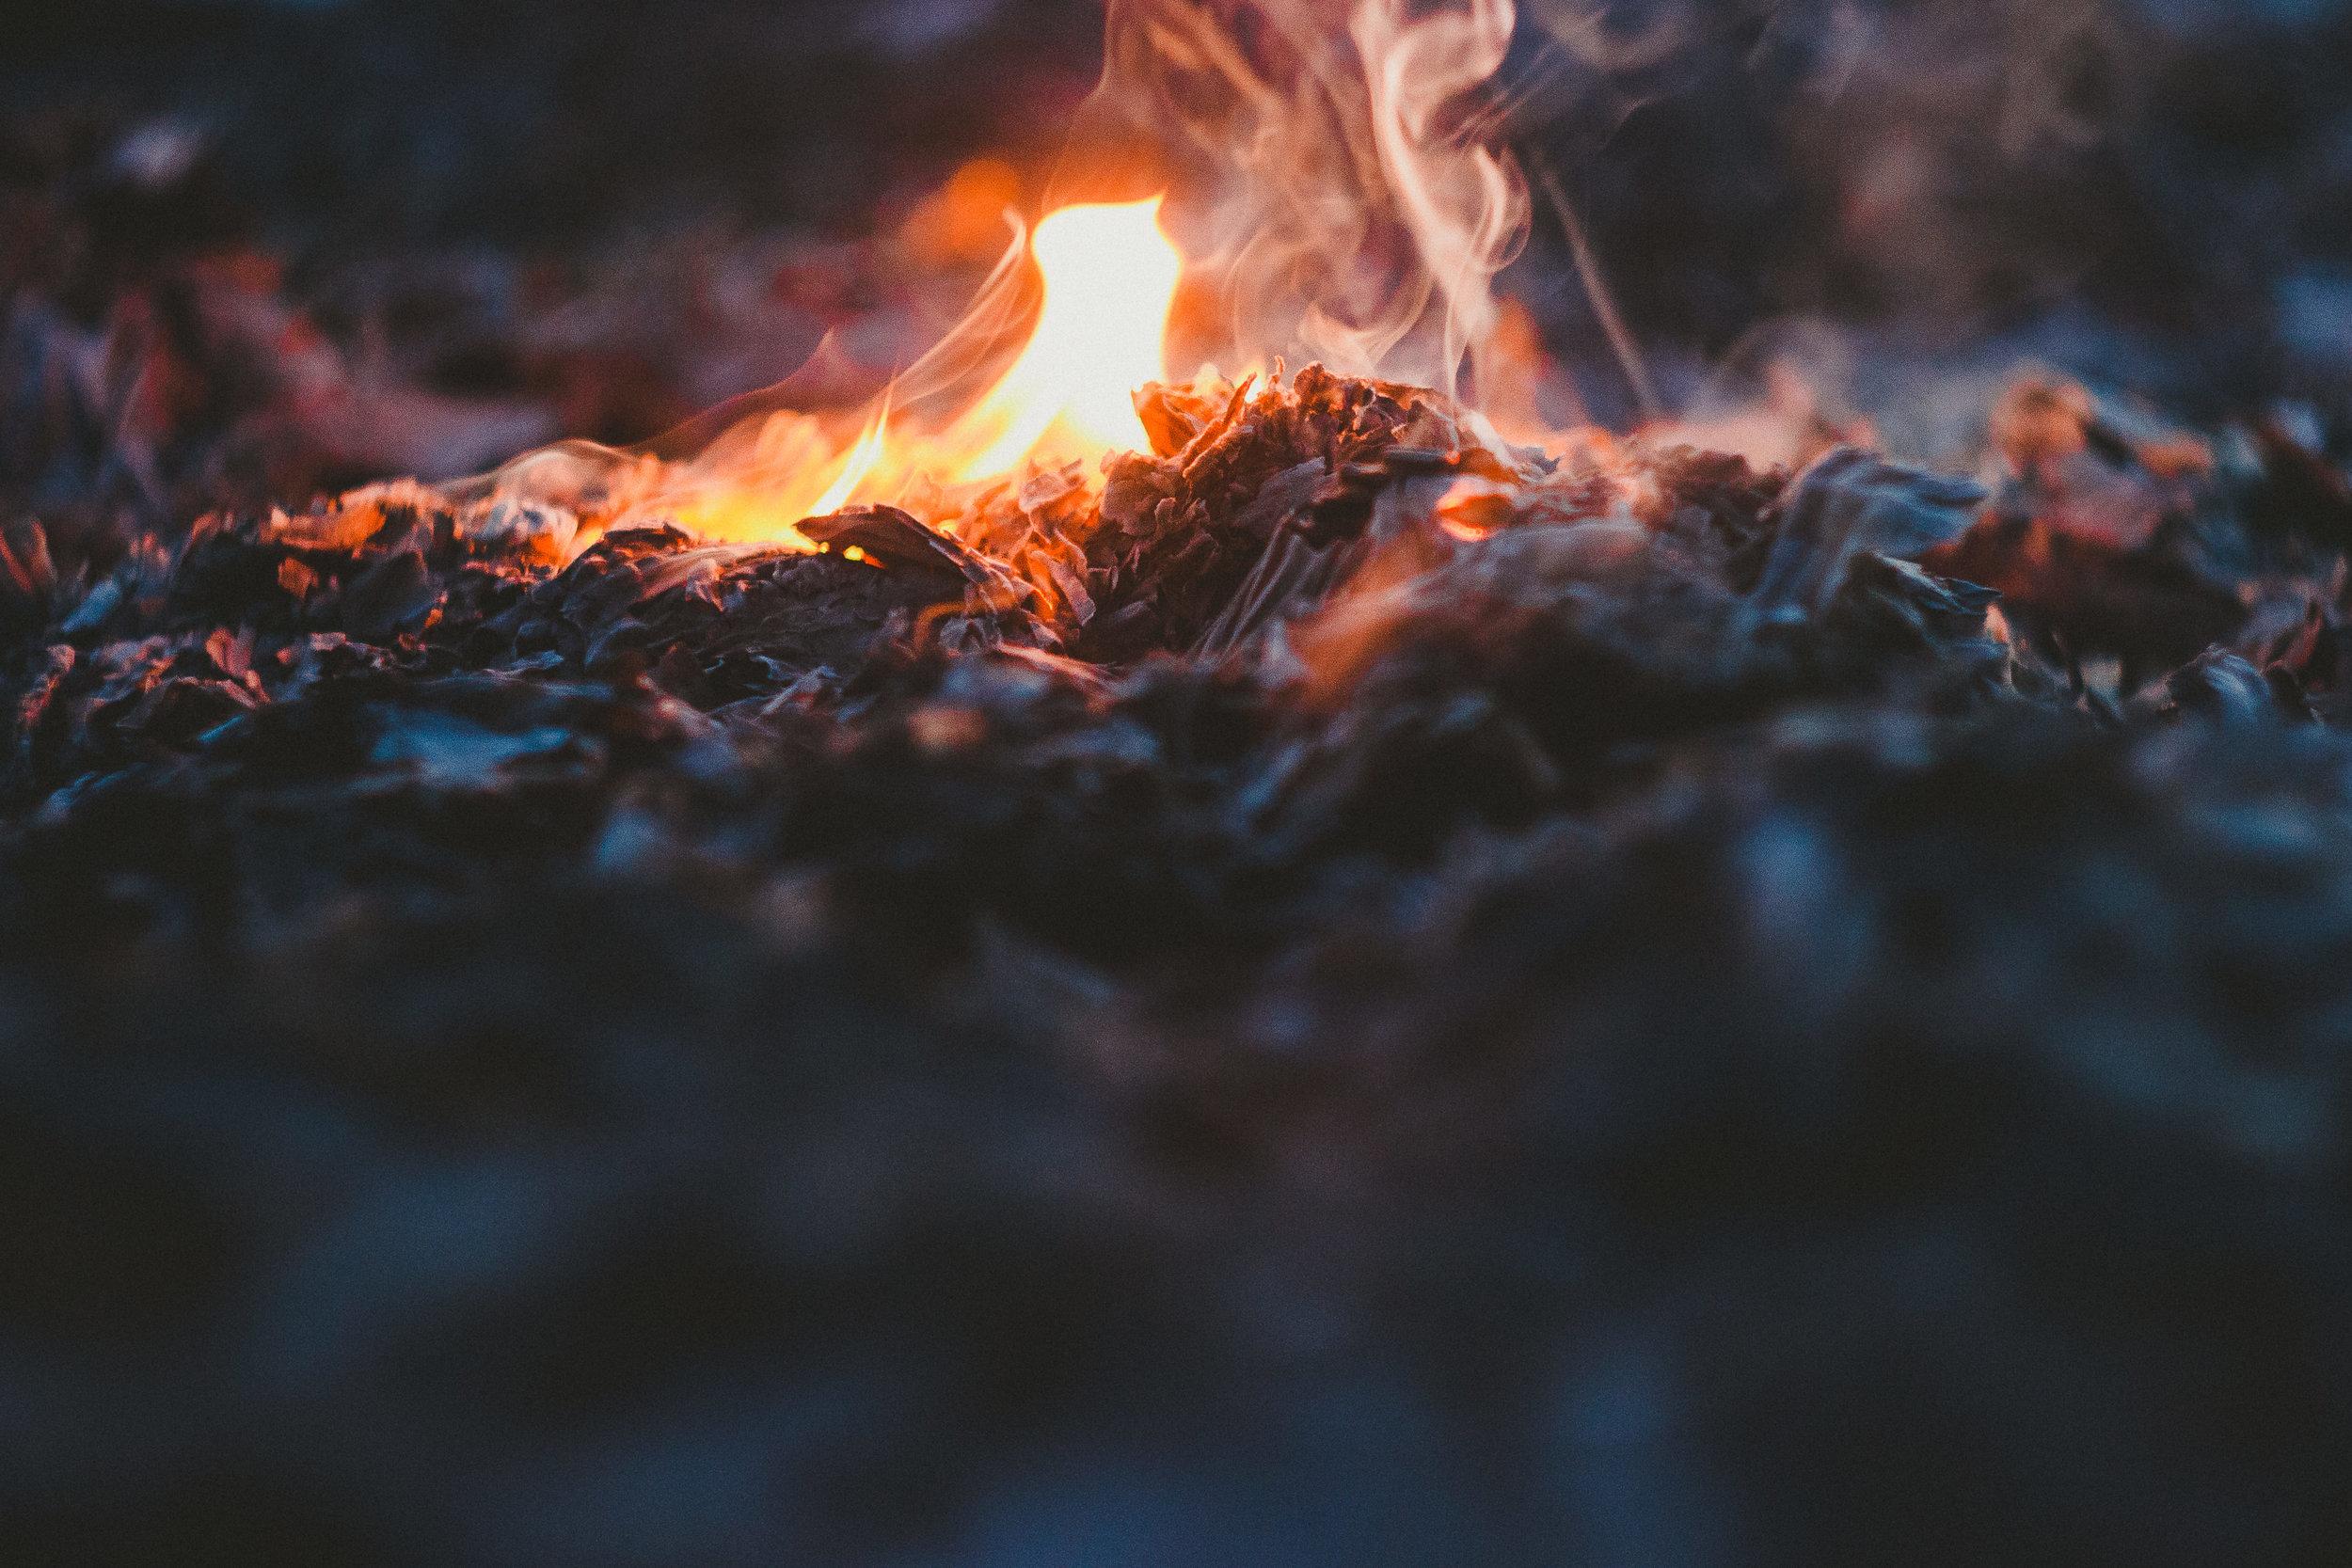 Fire Suppression -